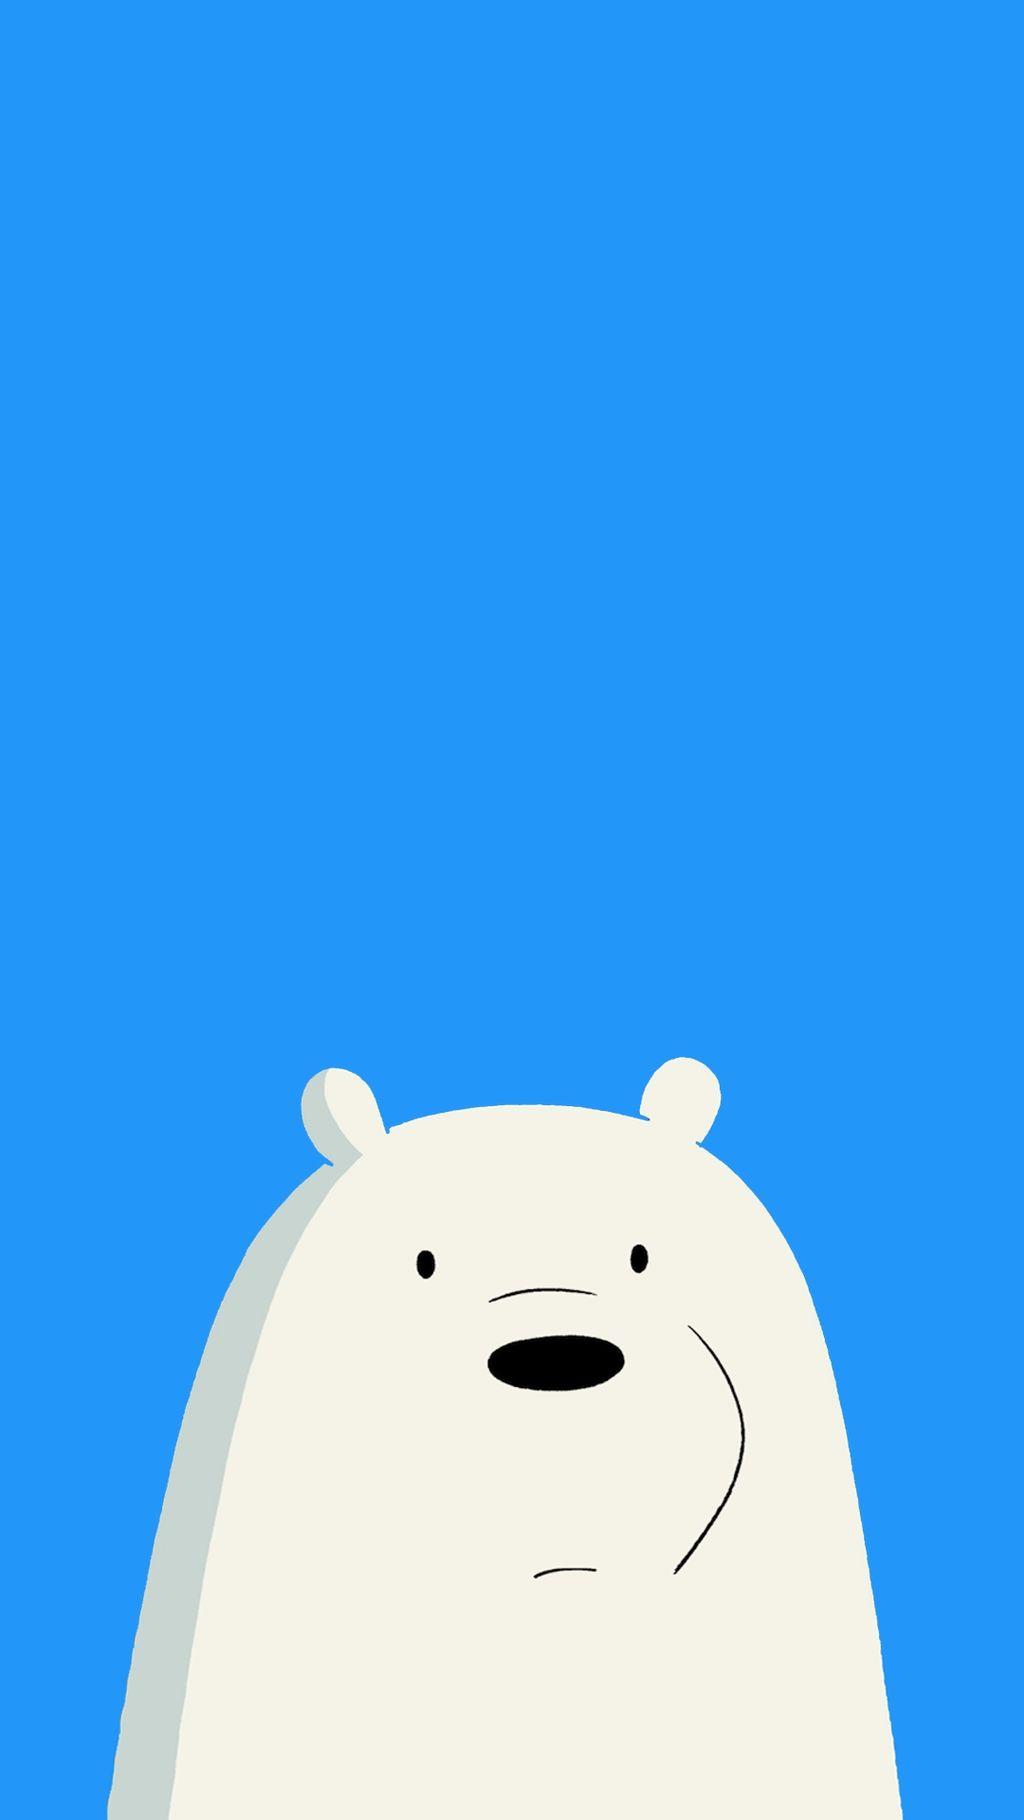 10 Top Ice Bear We Bare Bears Wallpaper Full Hd 1080p For Pc Background Kartun Beruang Panda Beruang Kutub